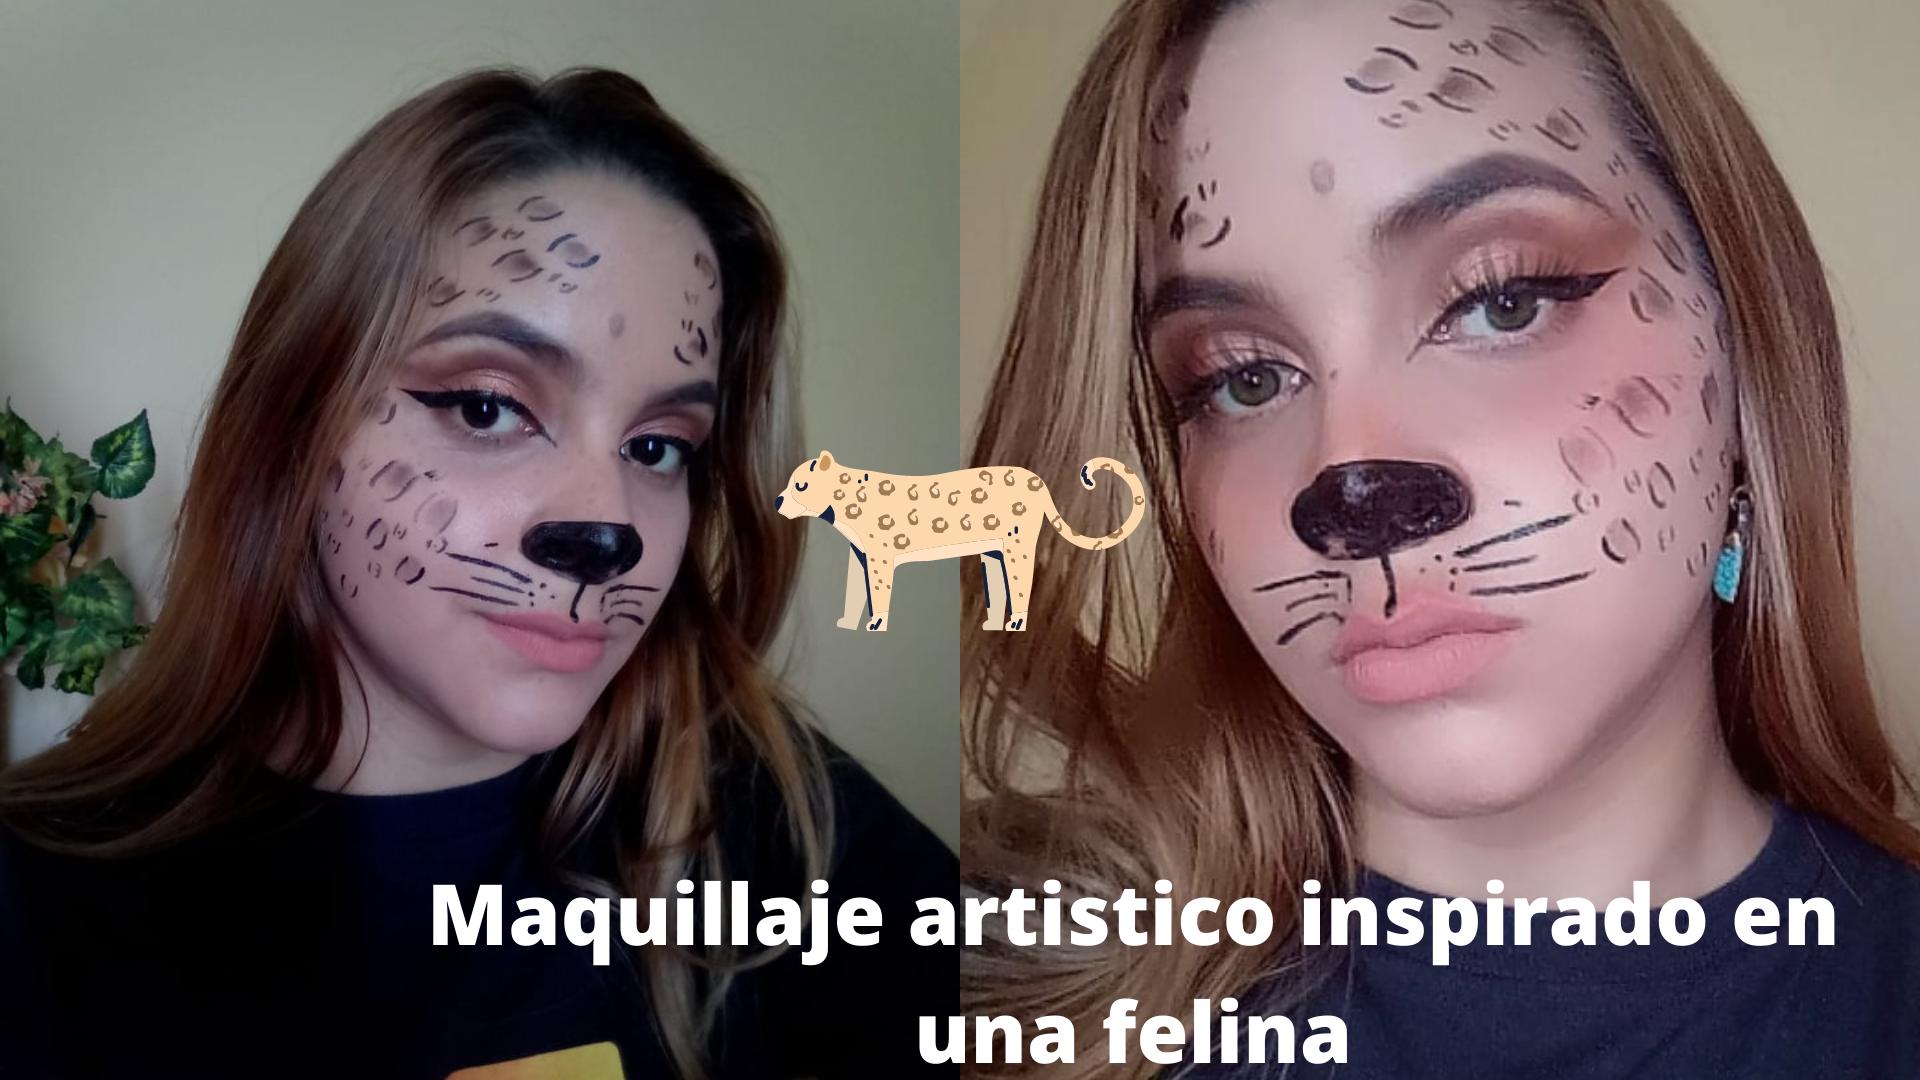 Maquillaje artistico inspirado en una felina.png